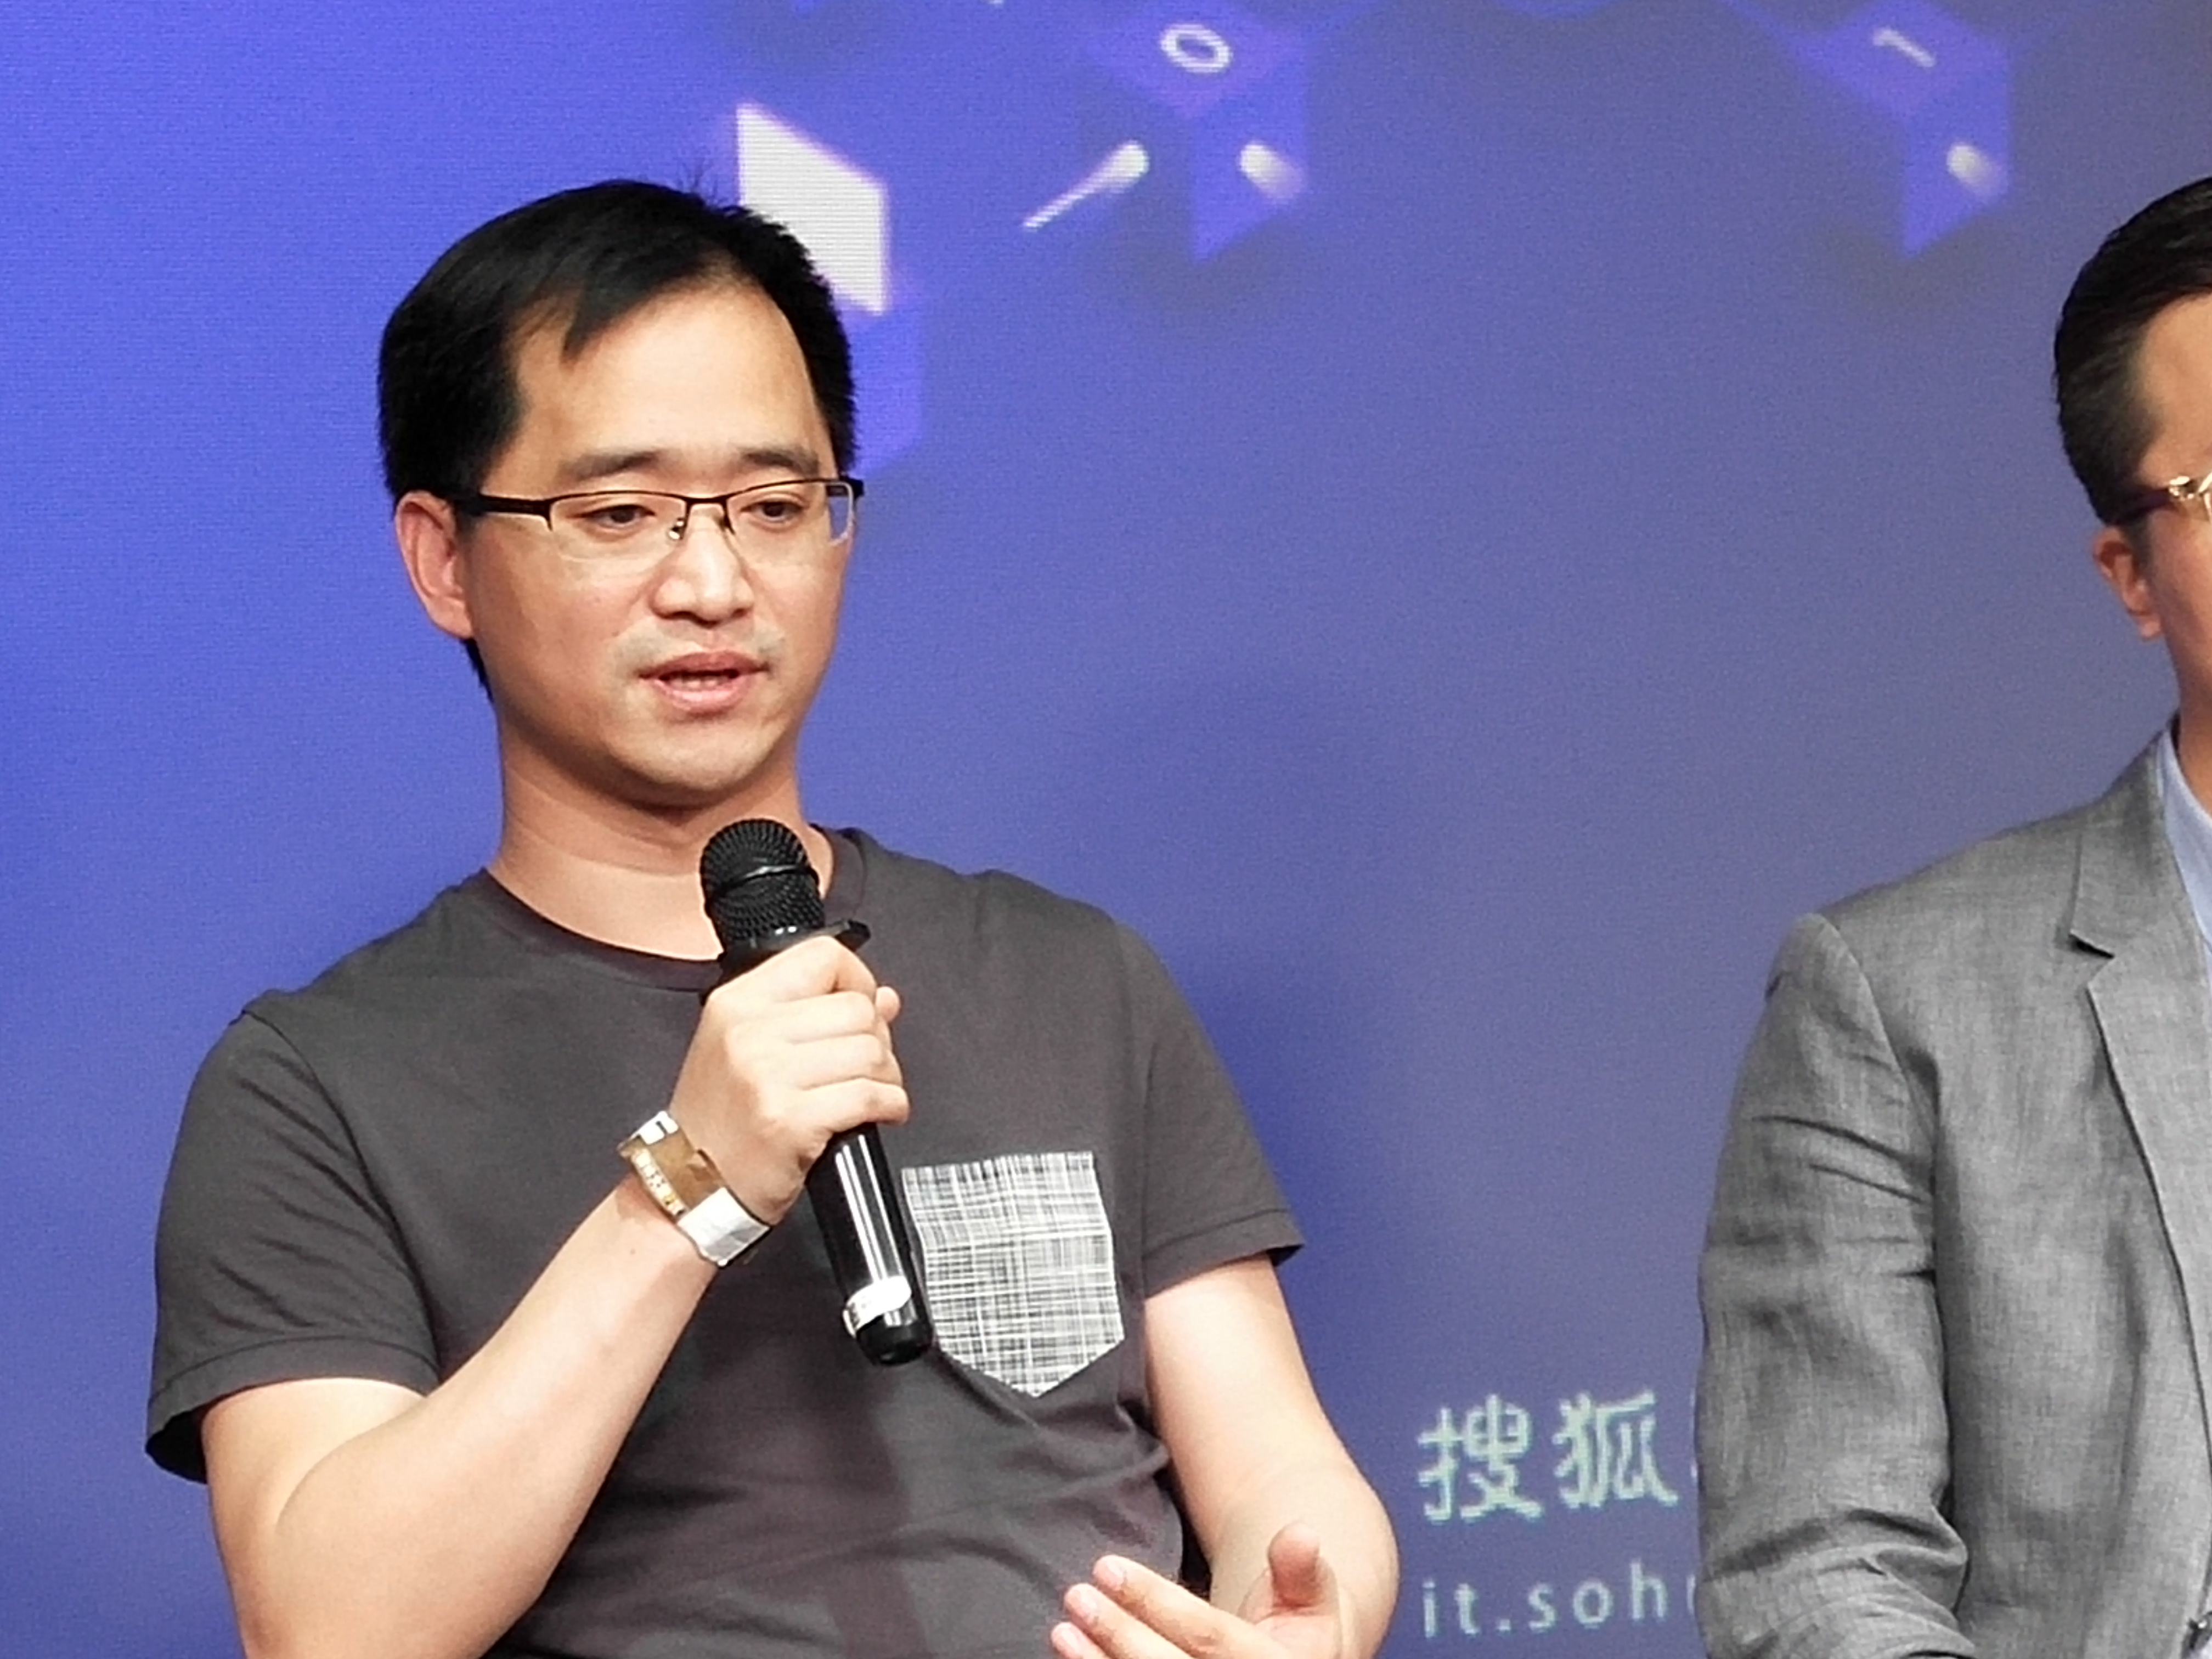 轻信科技CEO吴玉会:区块链解决的是共识问题